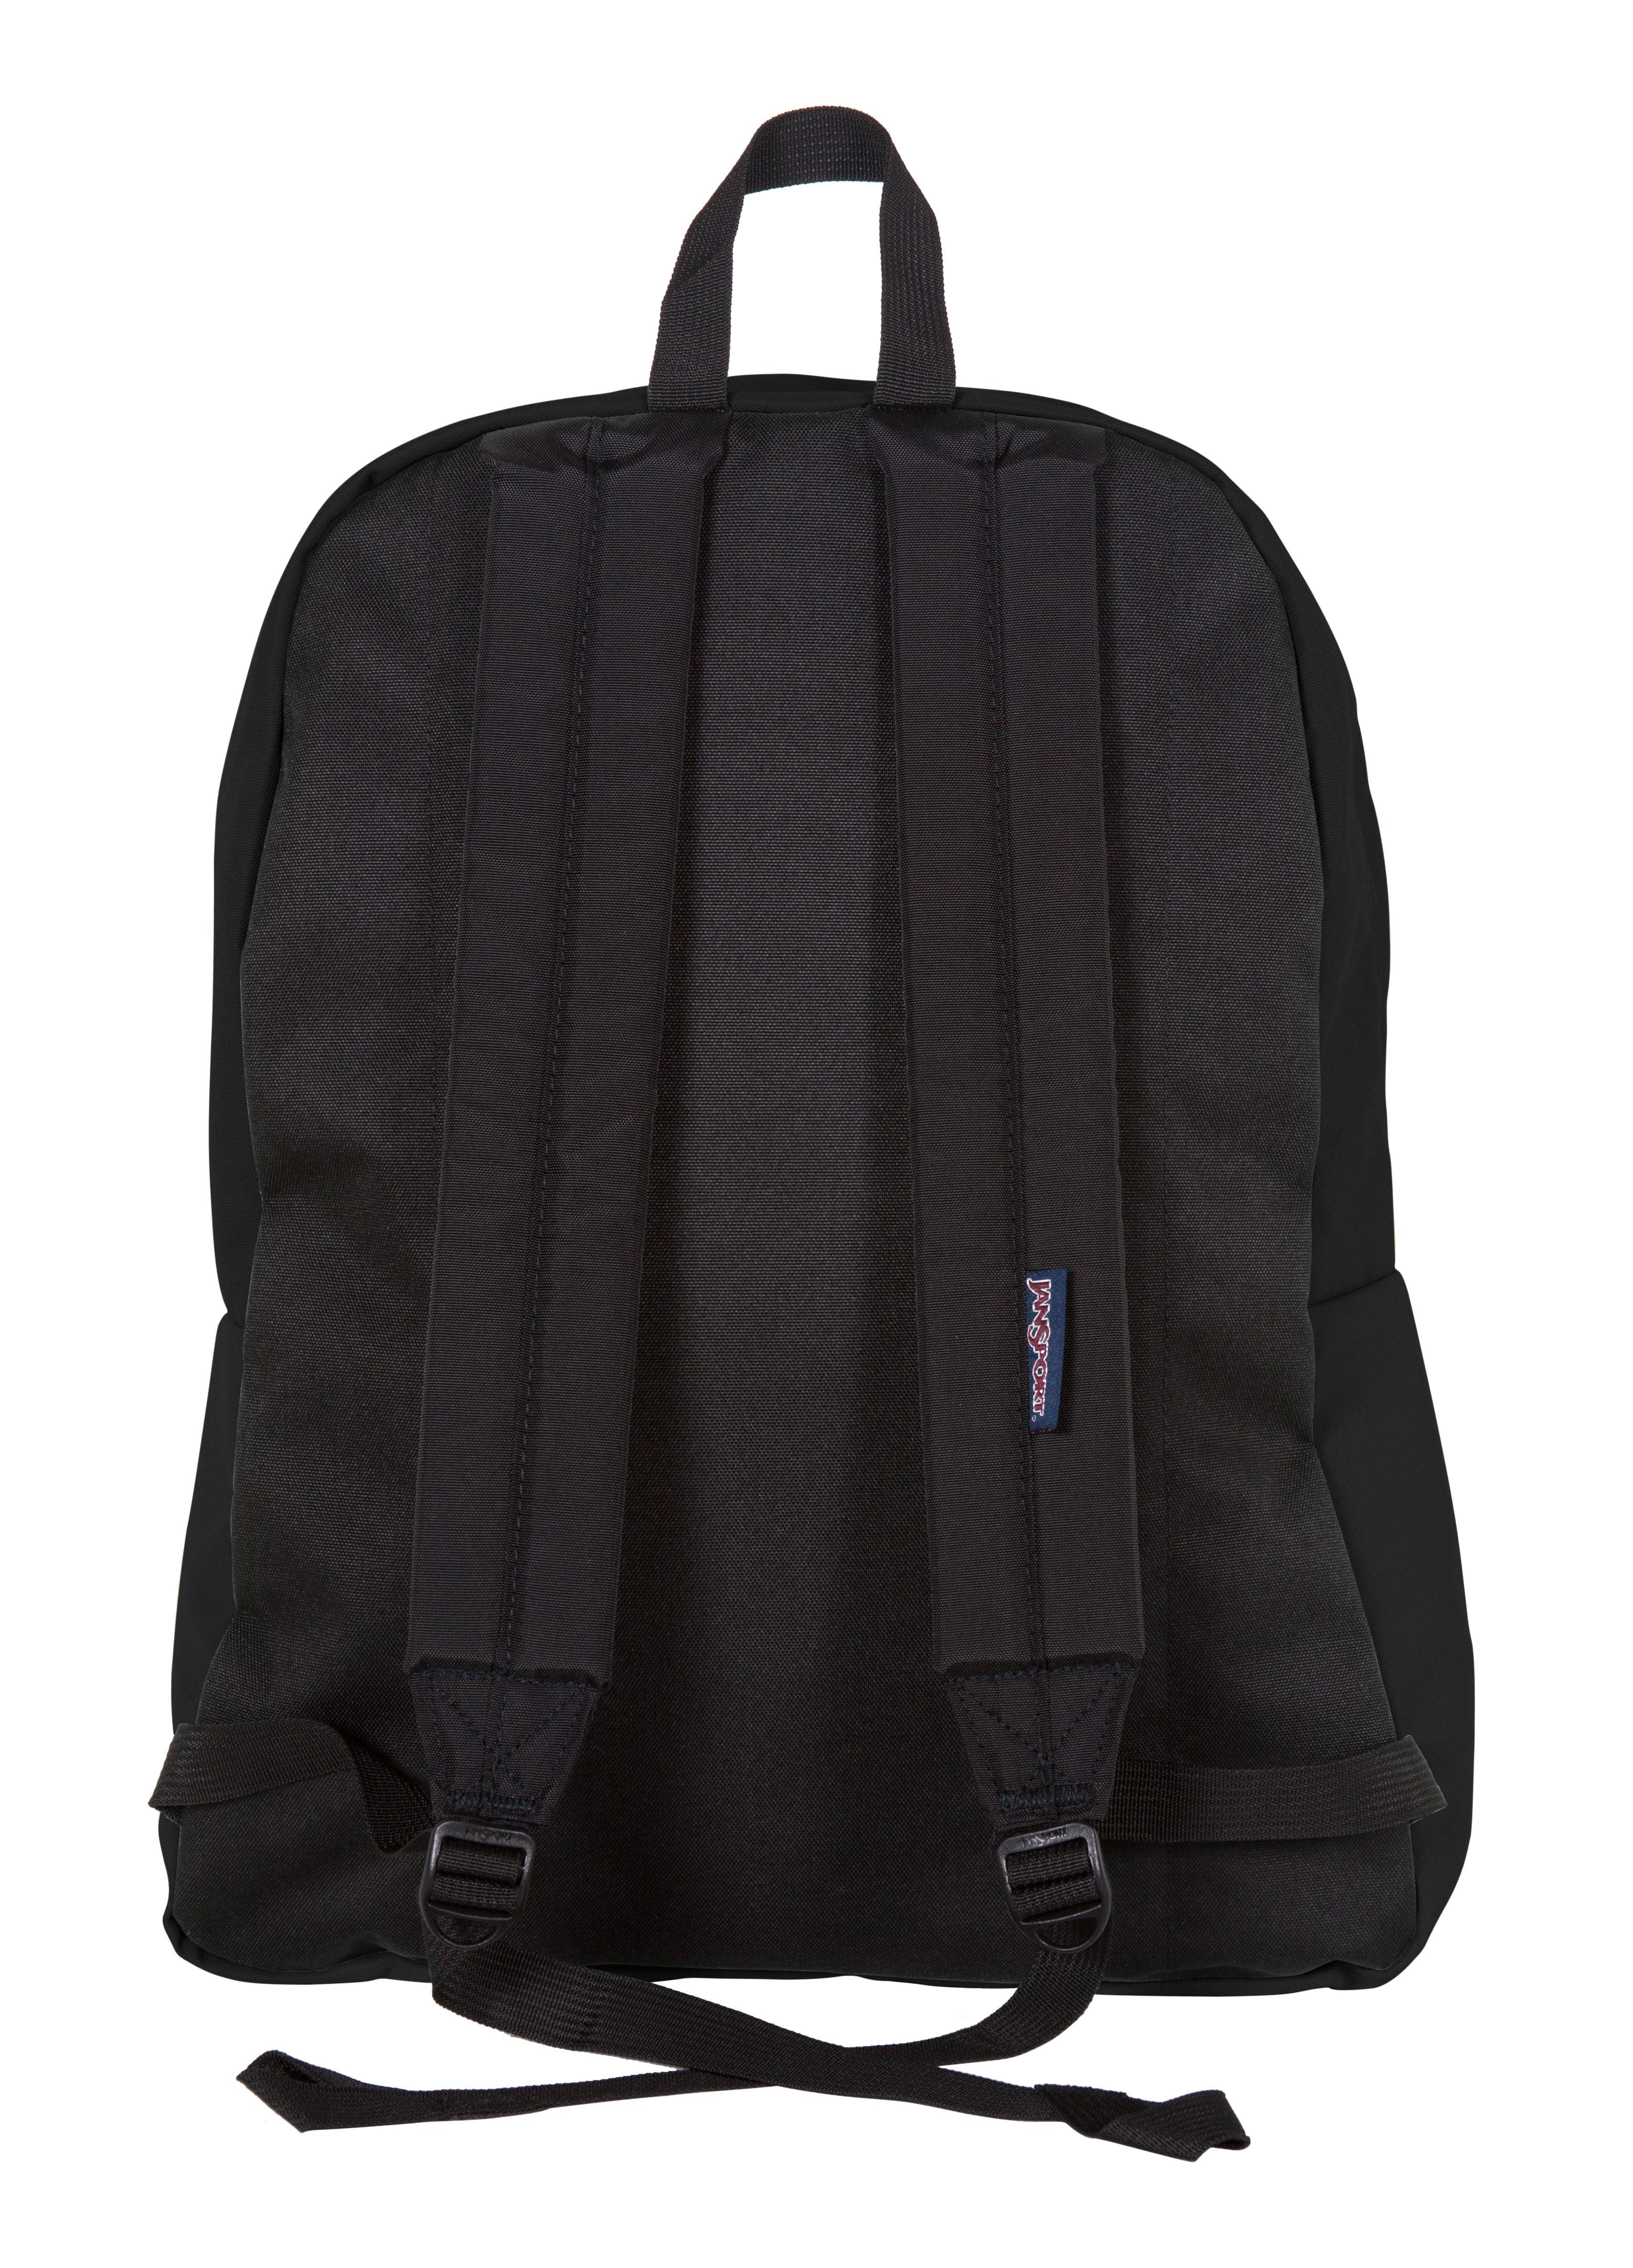 e08192782e7ef JanSport - Jansport SuperBreak Backpack - Black - Walmart.com